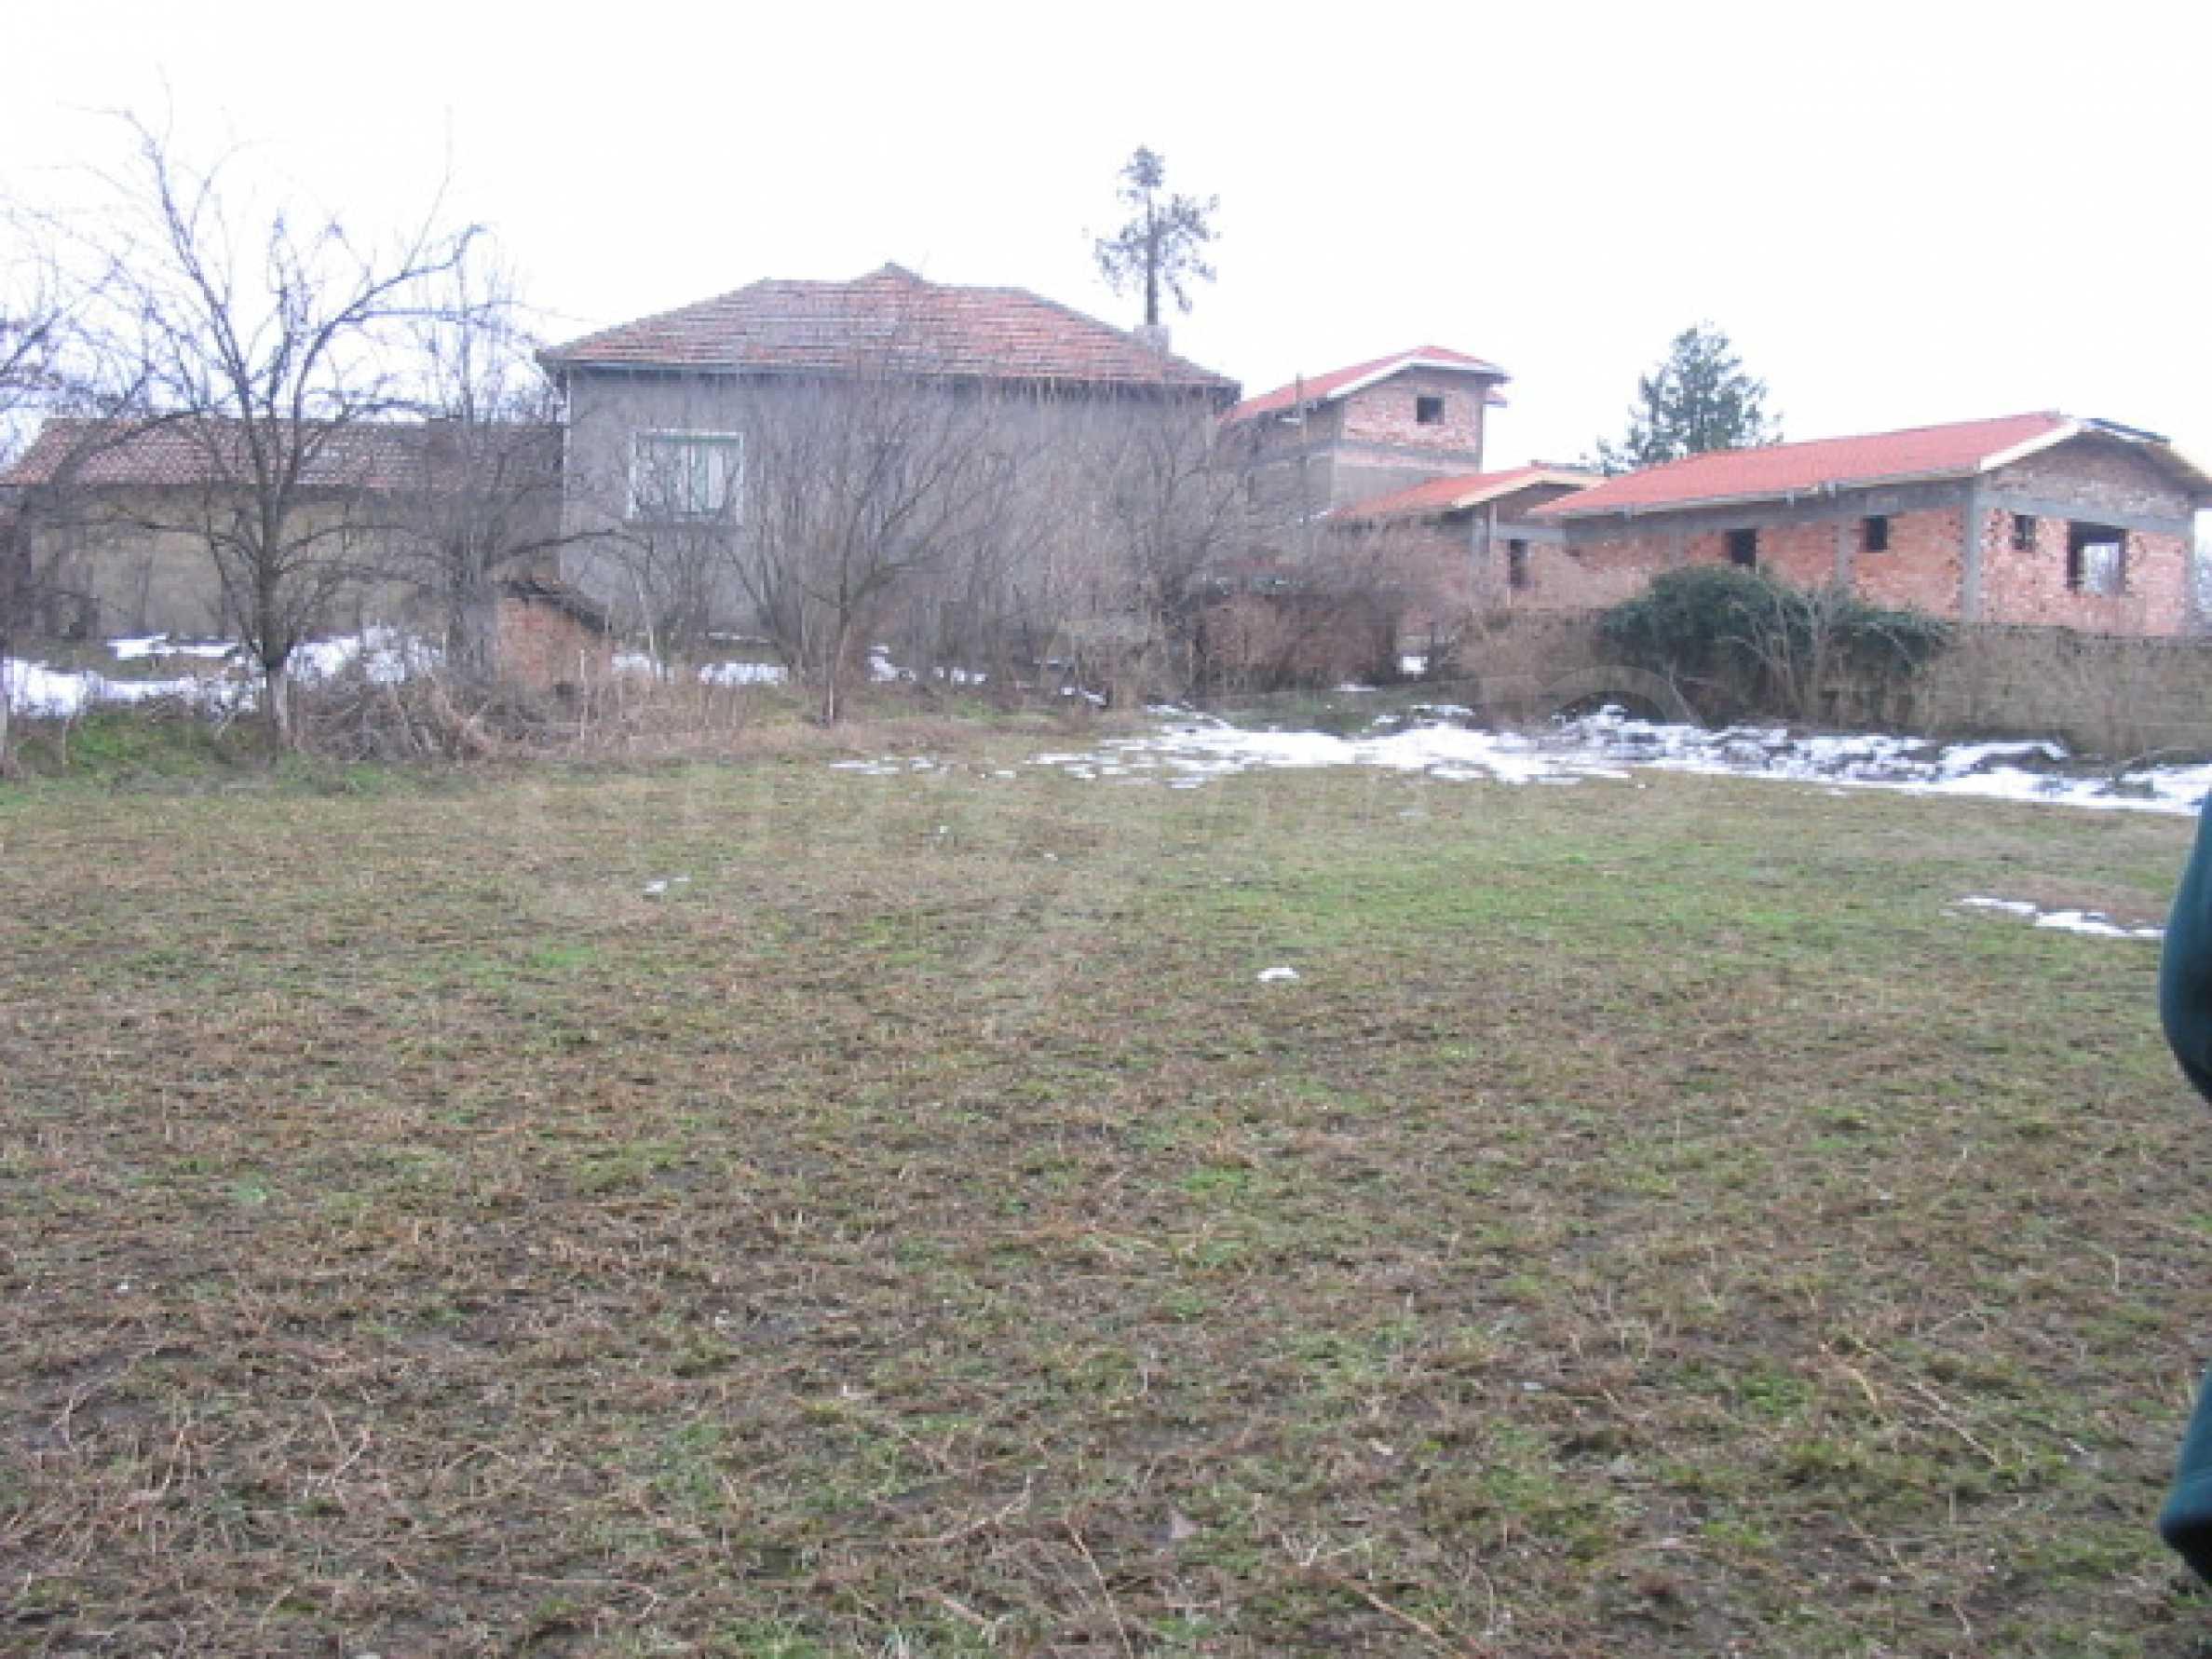 Haus zum Verkauf in der Nähe von Veliko Tarnovo 14